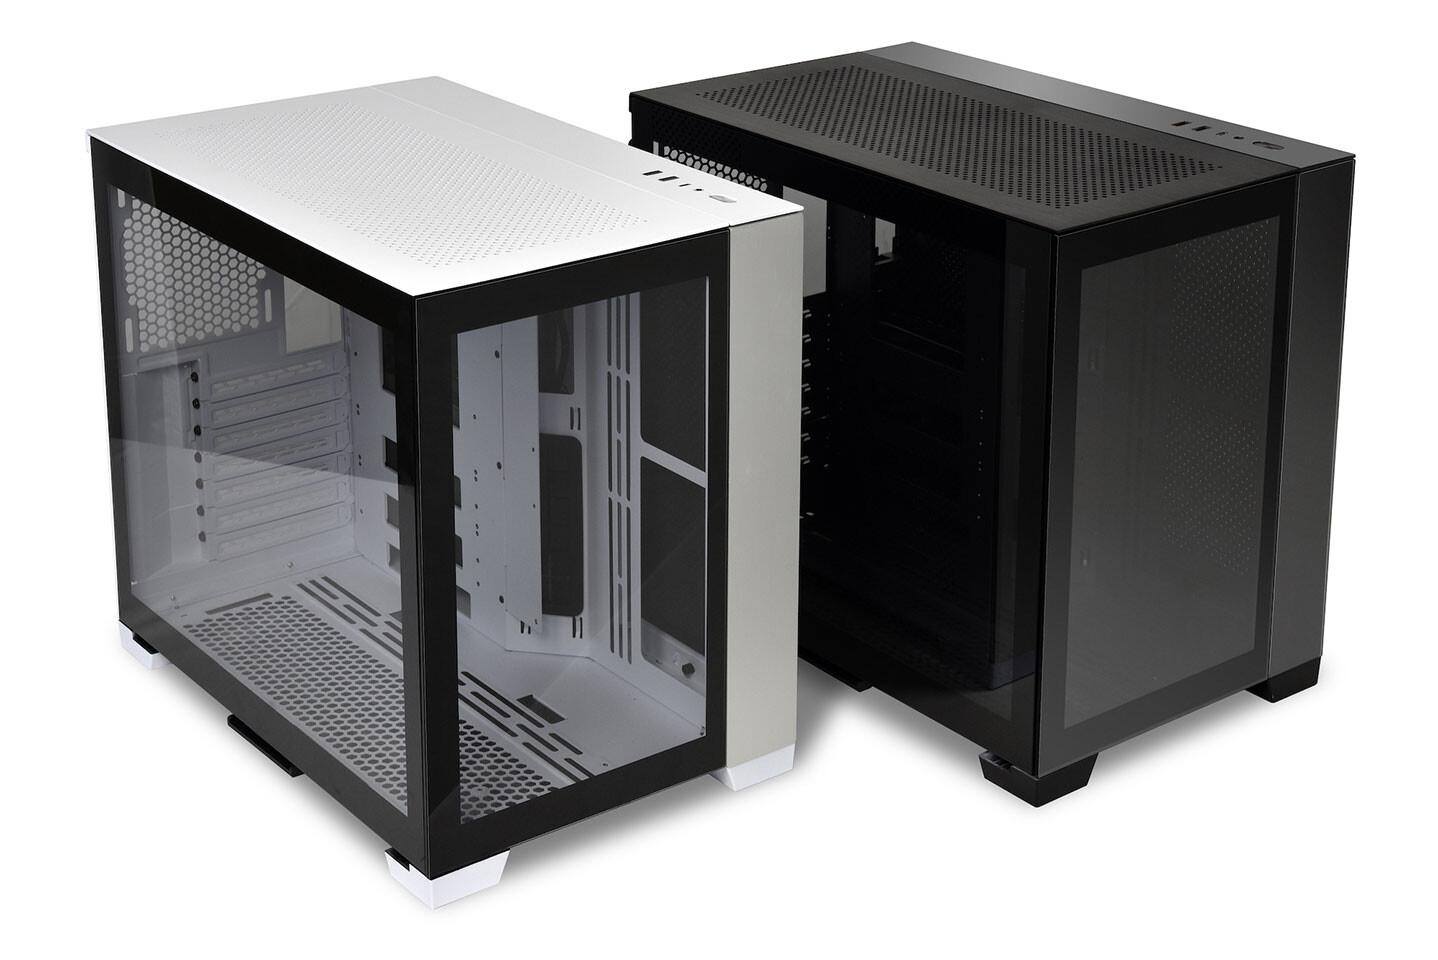 [情報] 聯力 Lian Li 發布 PC-O11D 延伸小迷你版